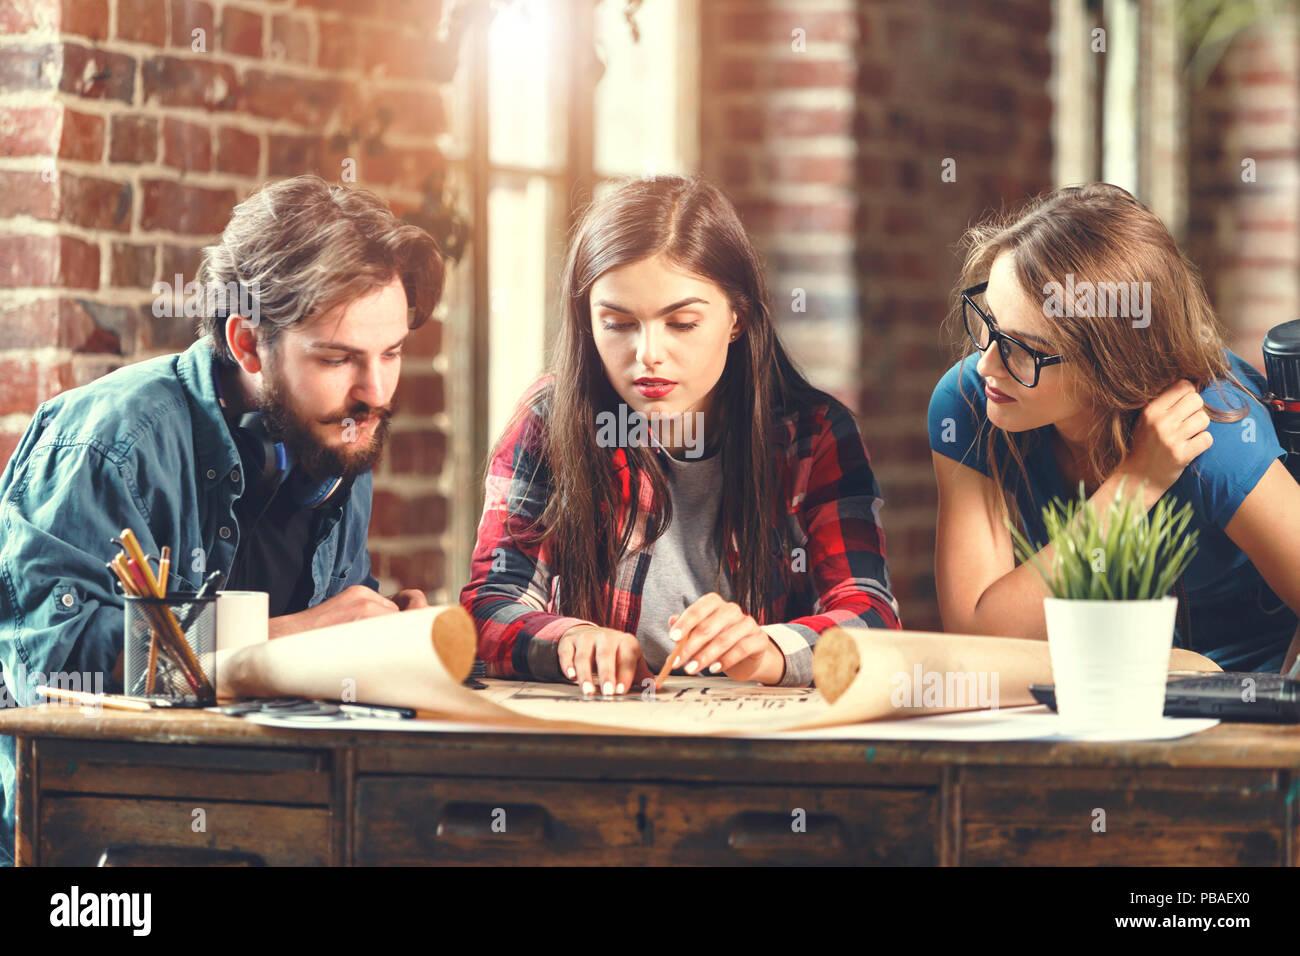 Équipage de jeunes designers professionnels discuter des idées à propos de plan au cours de la réunion de bureau moderne loft Photo Stock